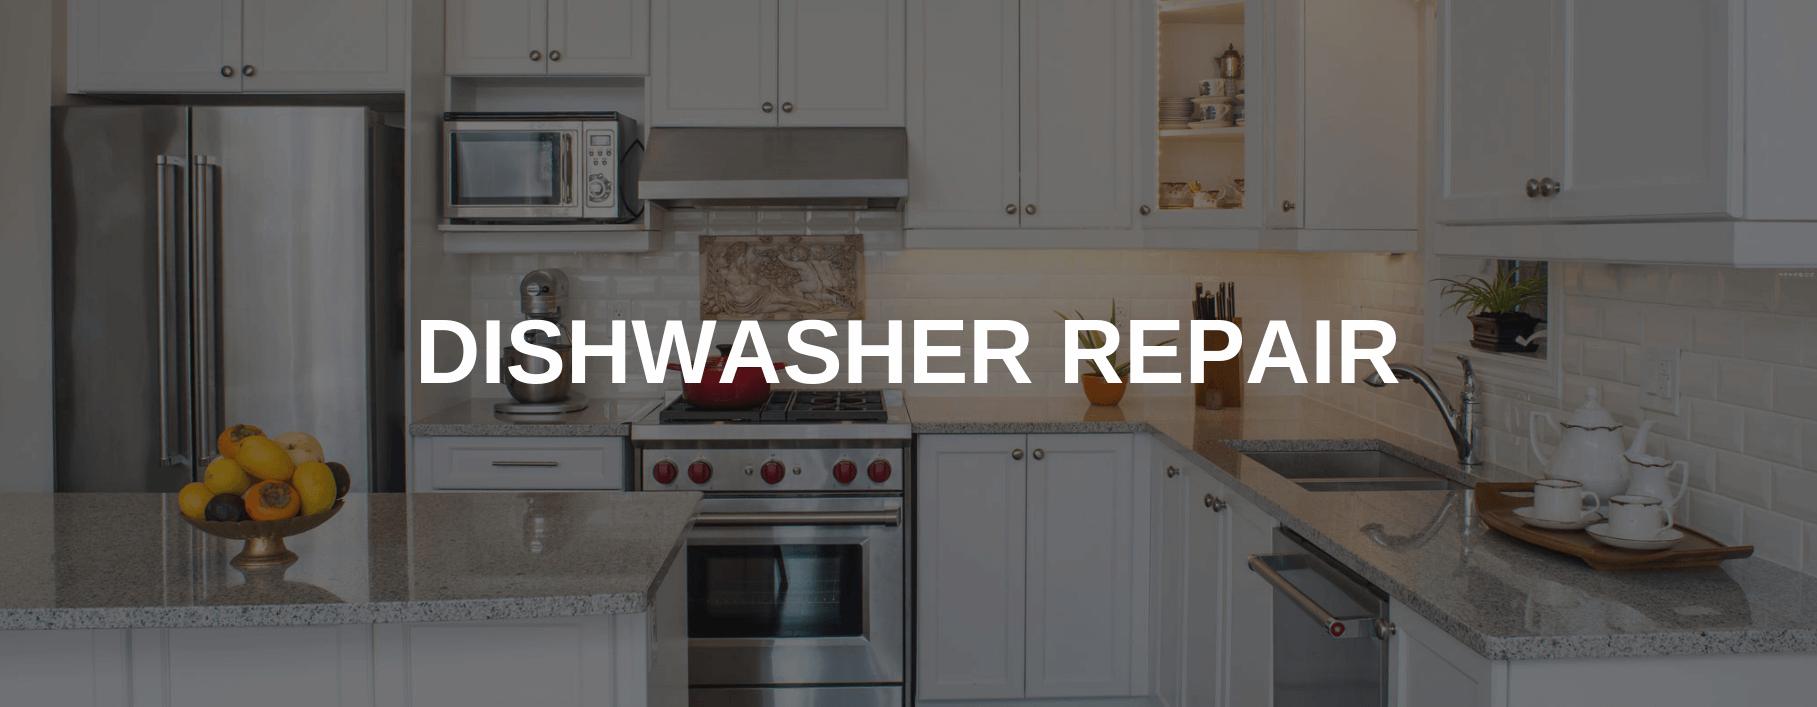 dishwasher repair windsor